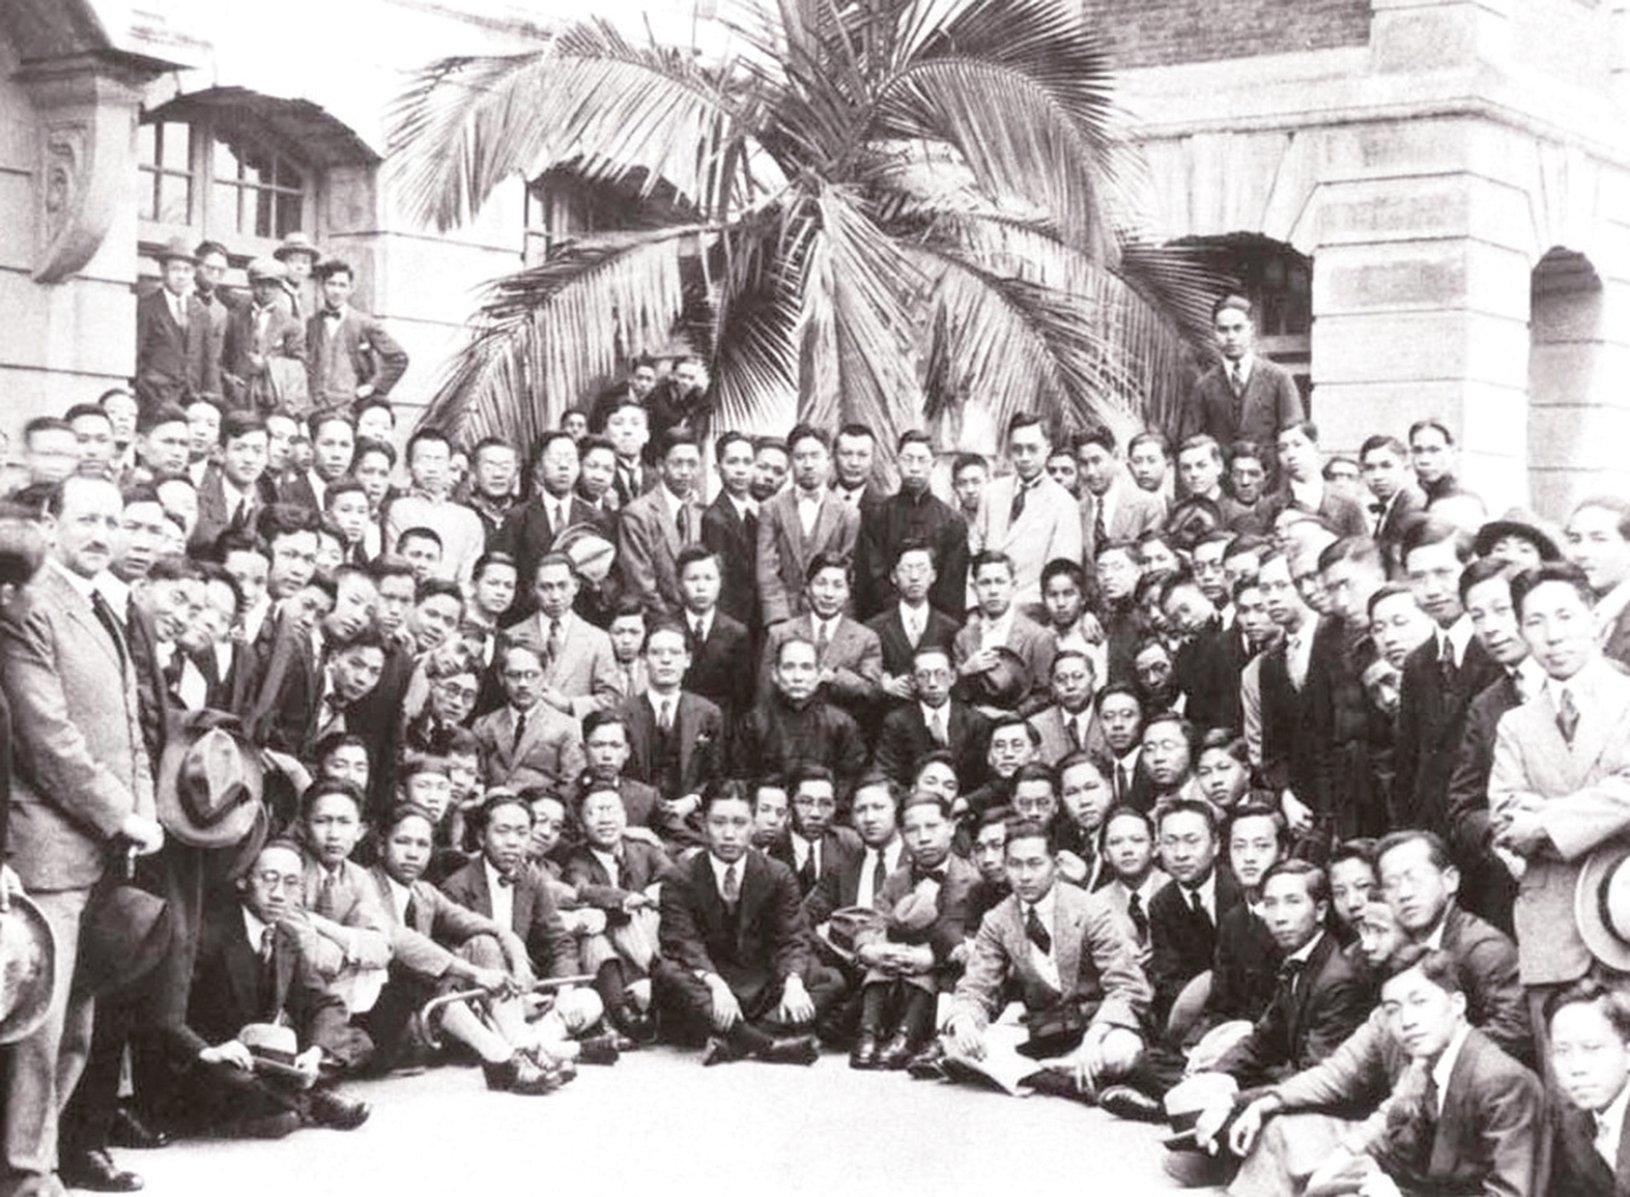 1923年2月20日,孫中山先生重返廣州時路經香港,應邀前往香港大學作公開演講,其間他提到「革命思想係從香港得來」,因年輕時在香港讀過書。(網絡圖片-港大馮平山圖書館提供)。